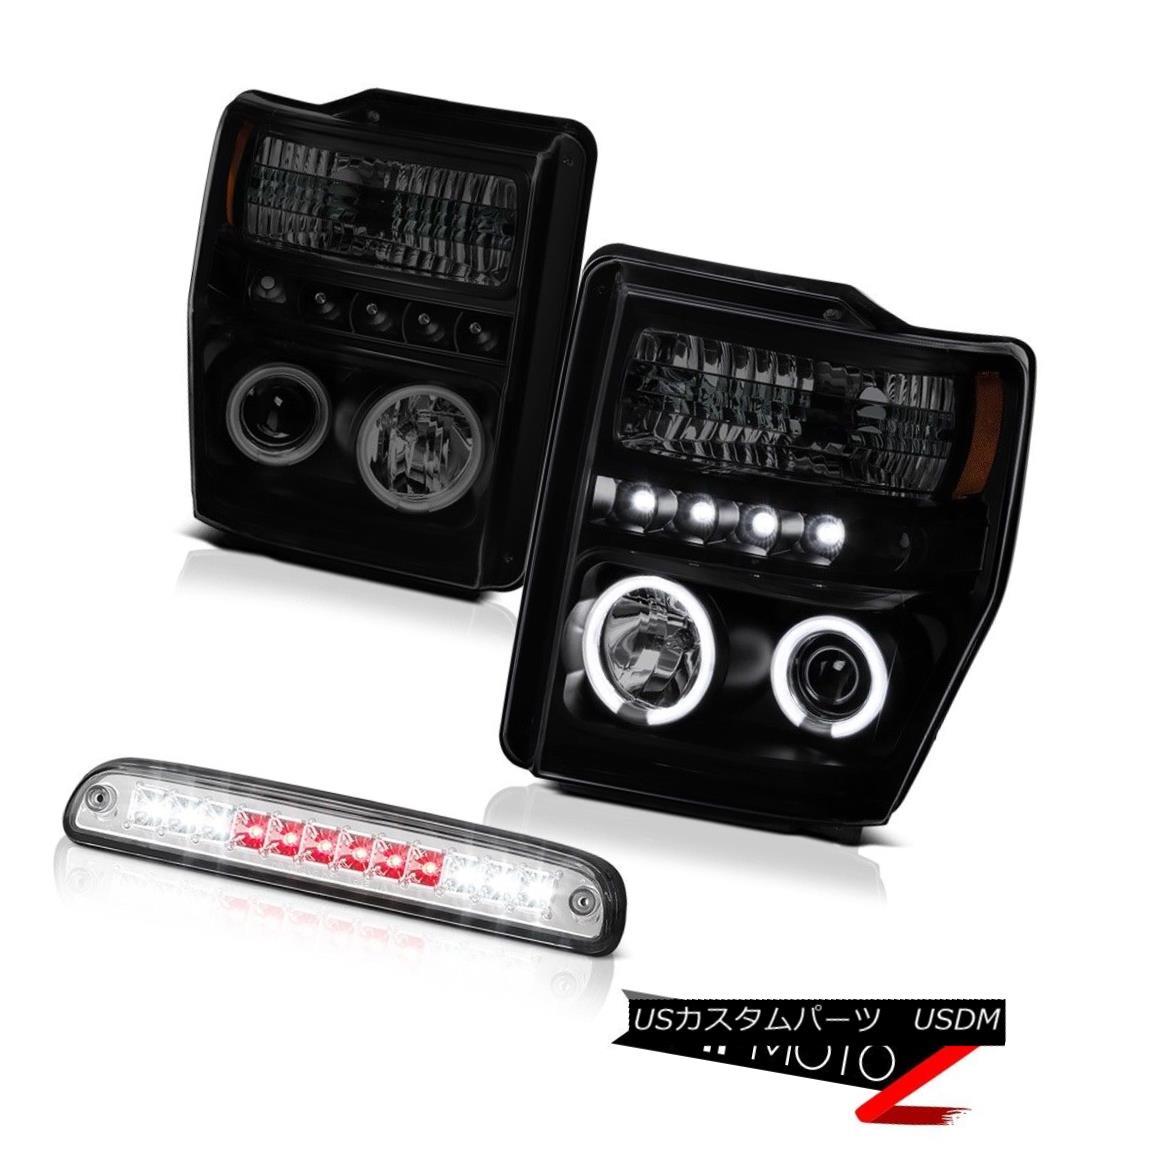 ヘッドライト 08 09 10 Ford F250 F350 SD CCFL Halo Ring LED DRL Headlight High Stop LED Chrome 08 09 10フォードF250 F350 SD CCFLハローリングLED DRLヘッドライトハイストップLEDクローム